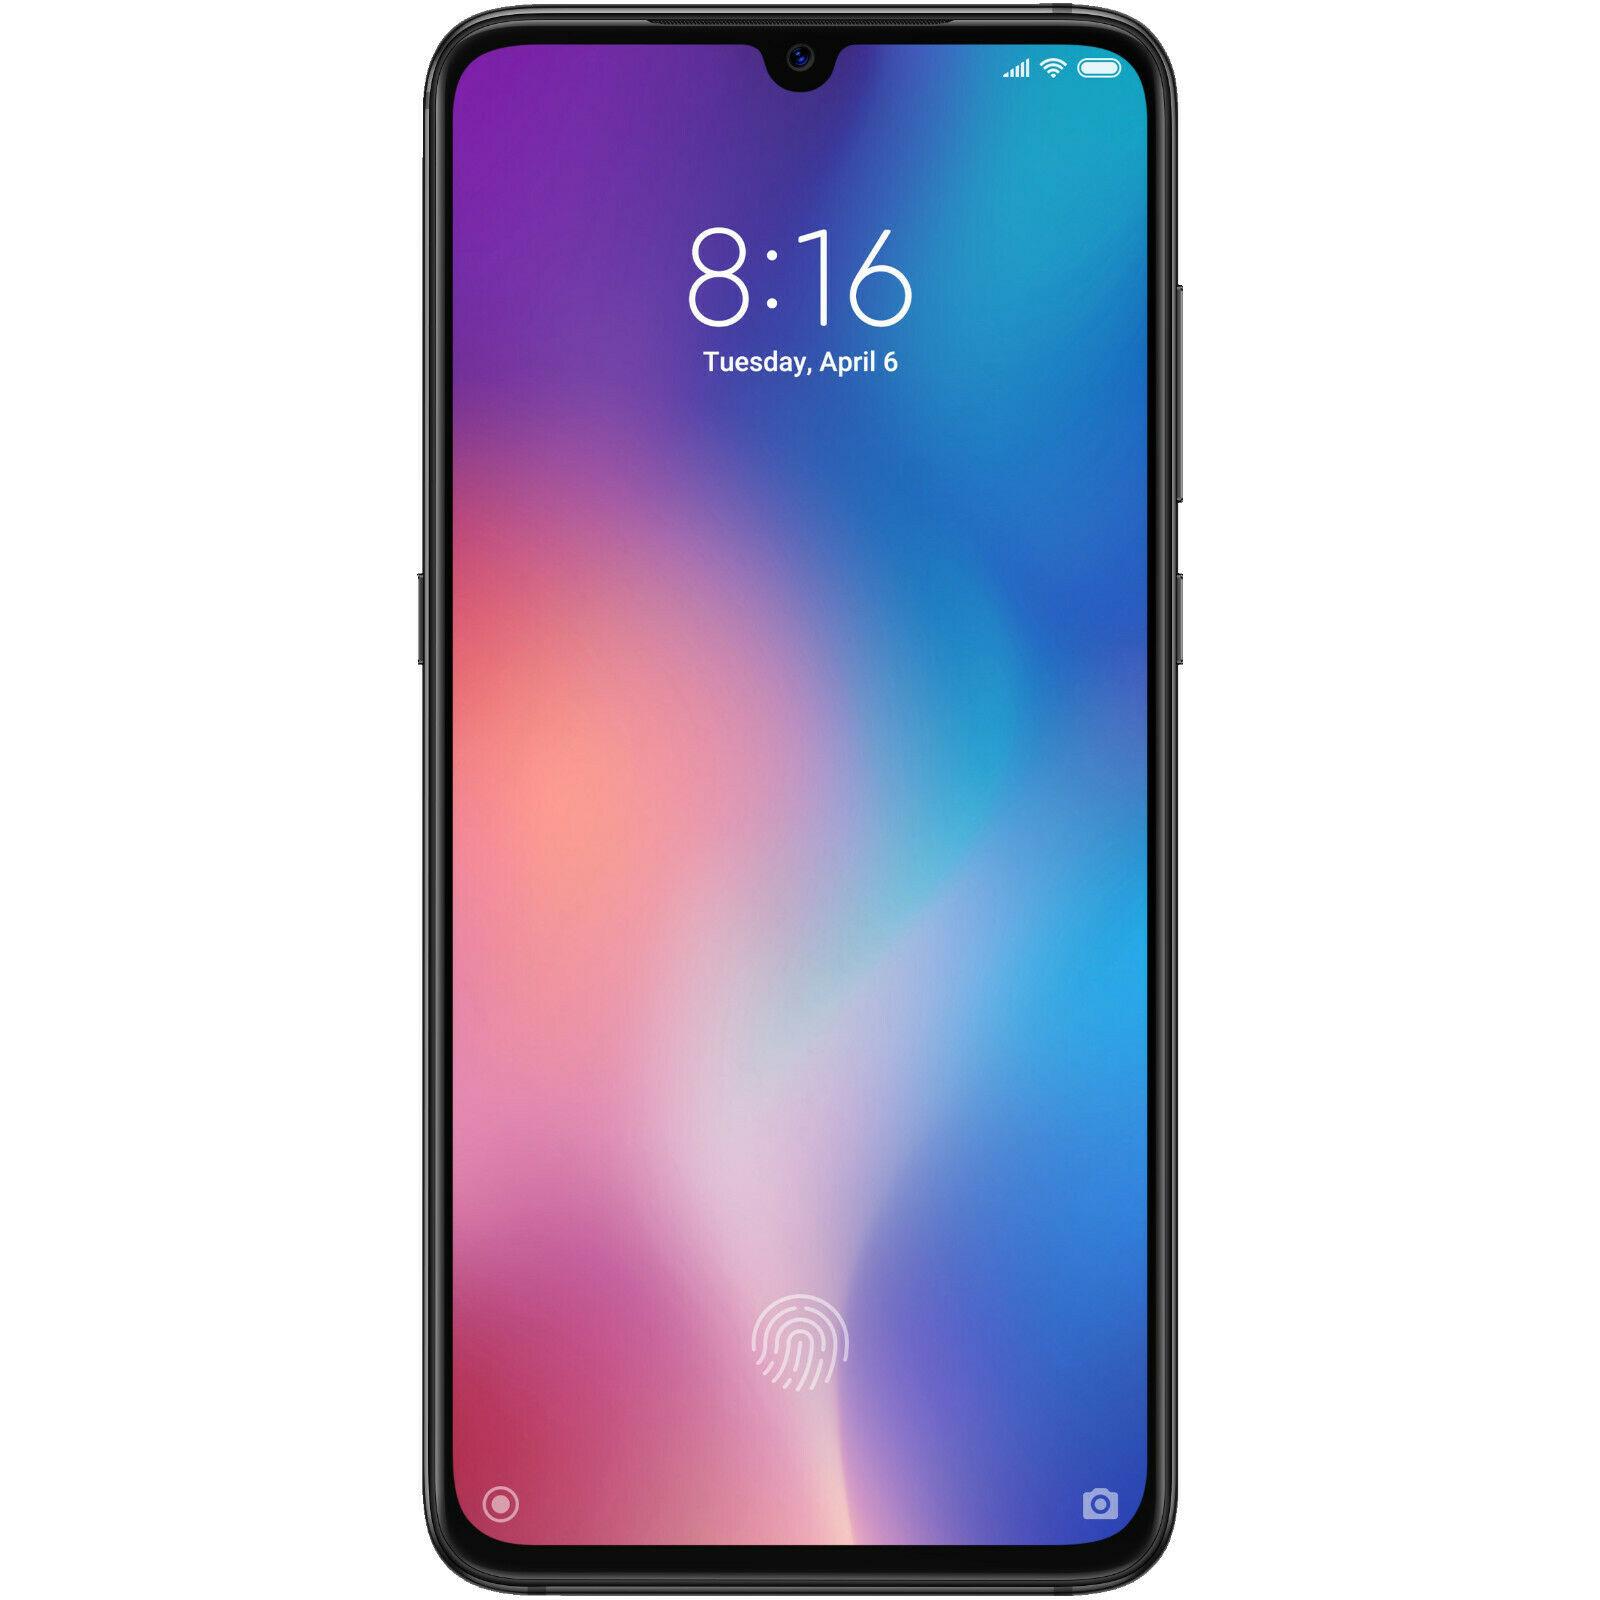 XIAOMI MI 9, Smartphone, 64 GB, Schwarz, Dual SIM